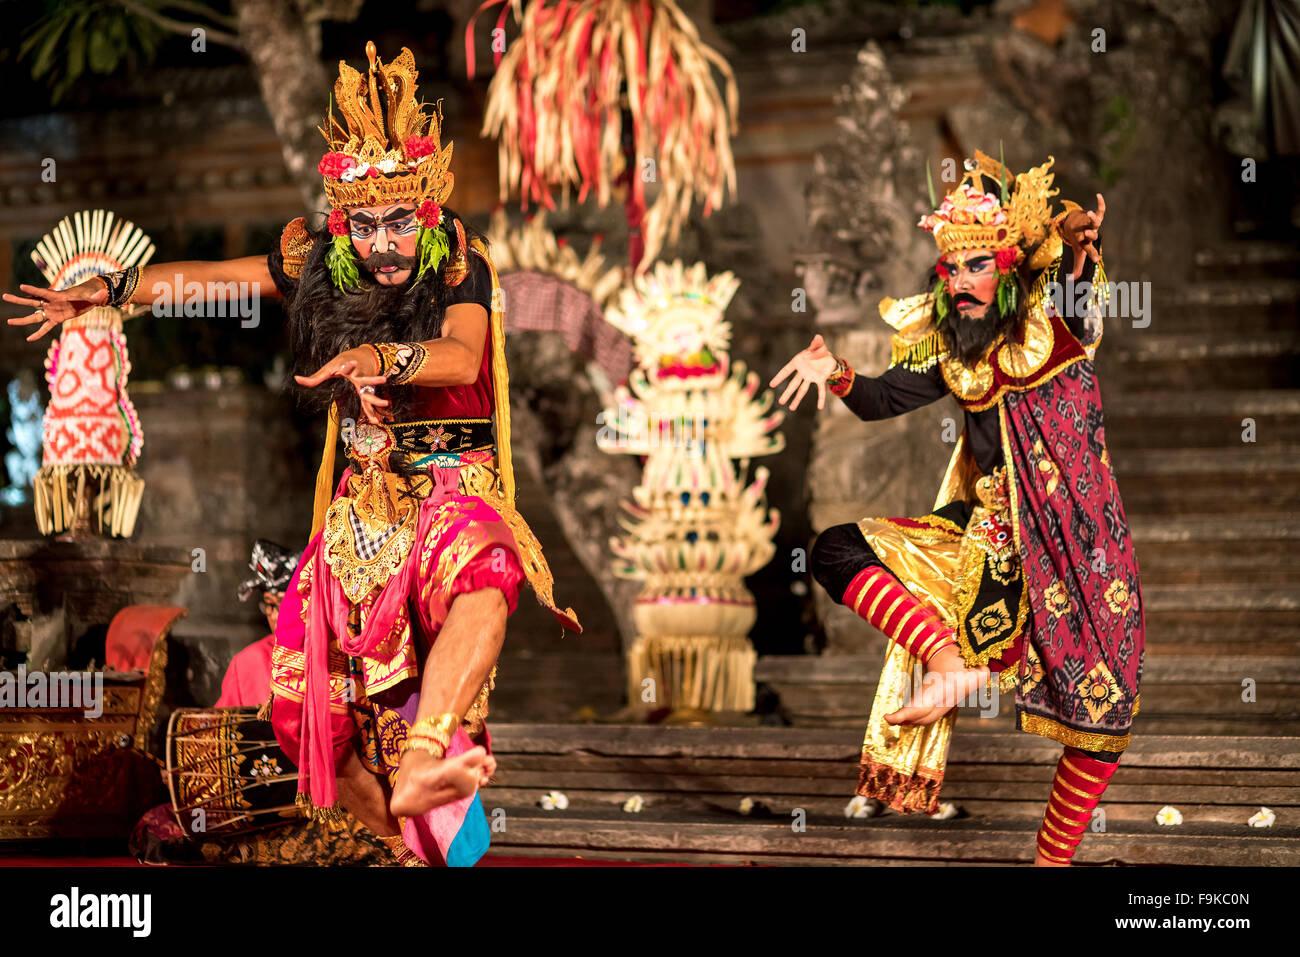 Bali dancer performing the classic Ramayana Ballet,Ubud Palace / Puri Saren Agung,  Ubud, Bali, Indonesia - Stock Image